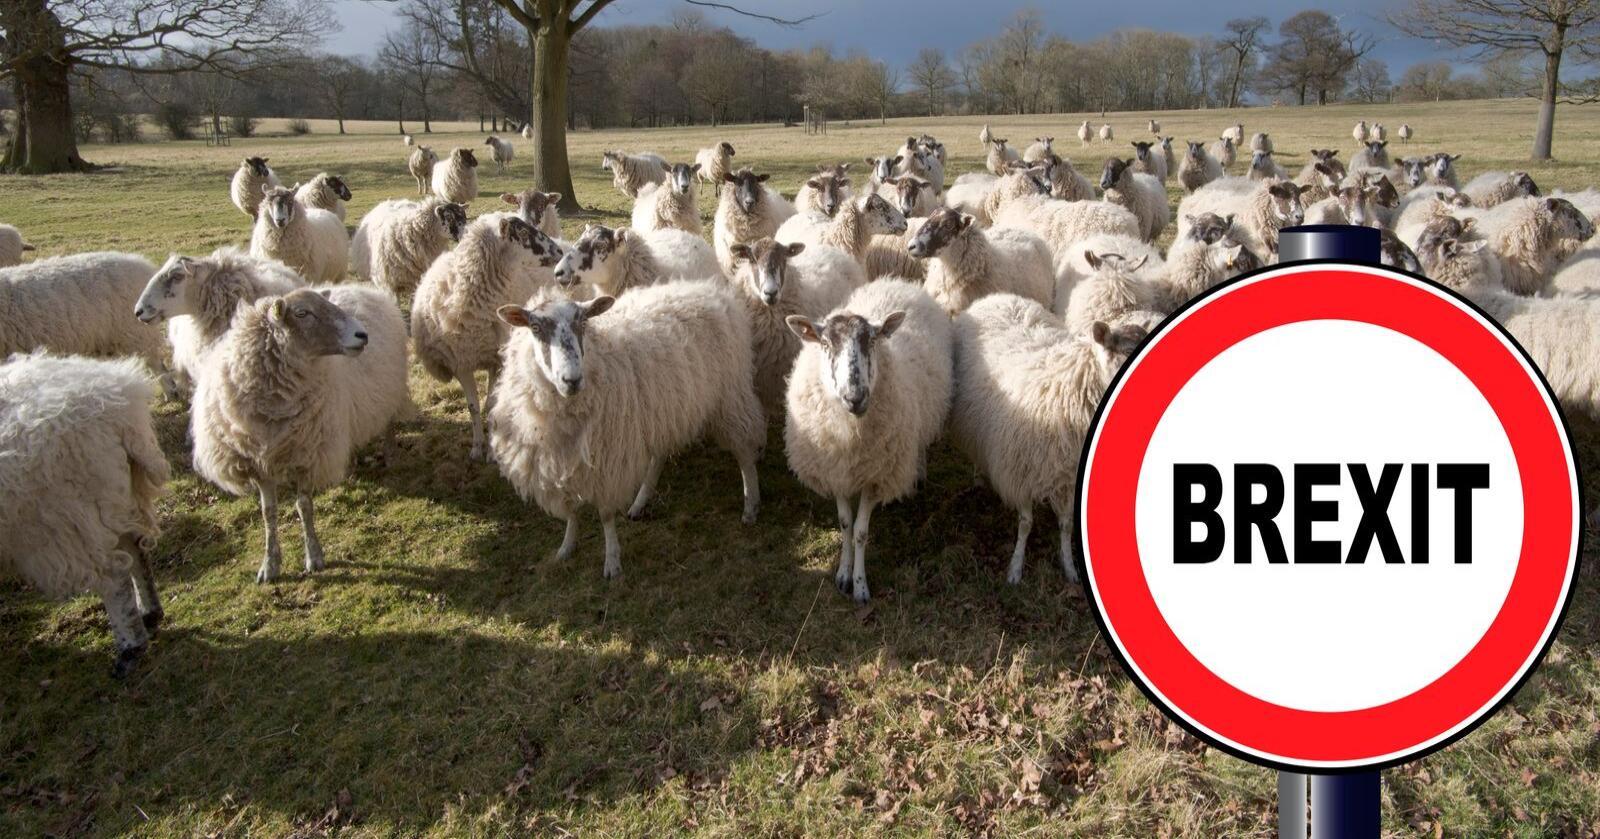 Brexit: Britene er med god margin Europas største eksportører av lammekjøtt. Bondelaget frykter regjeringen vil gi britene økt markedsadgang til Norge. (Foto: Mostphotos)